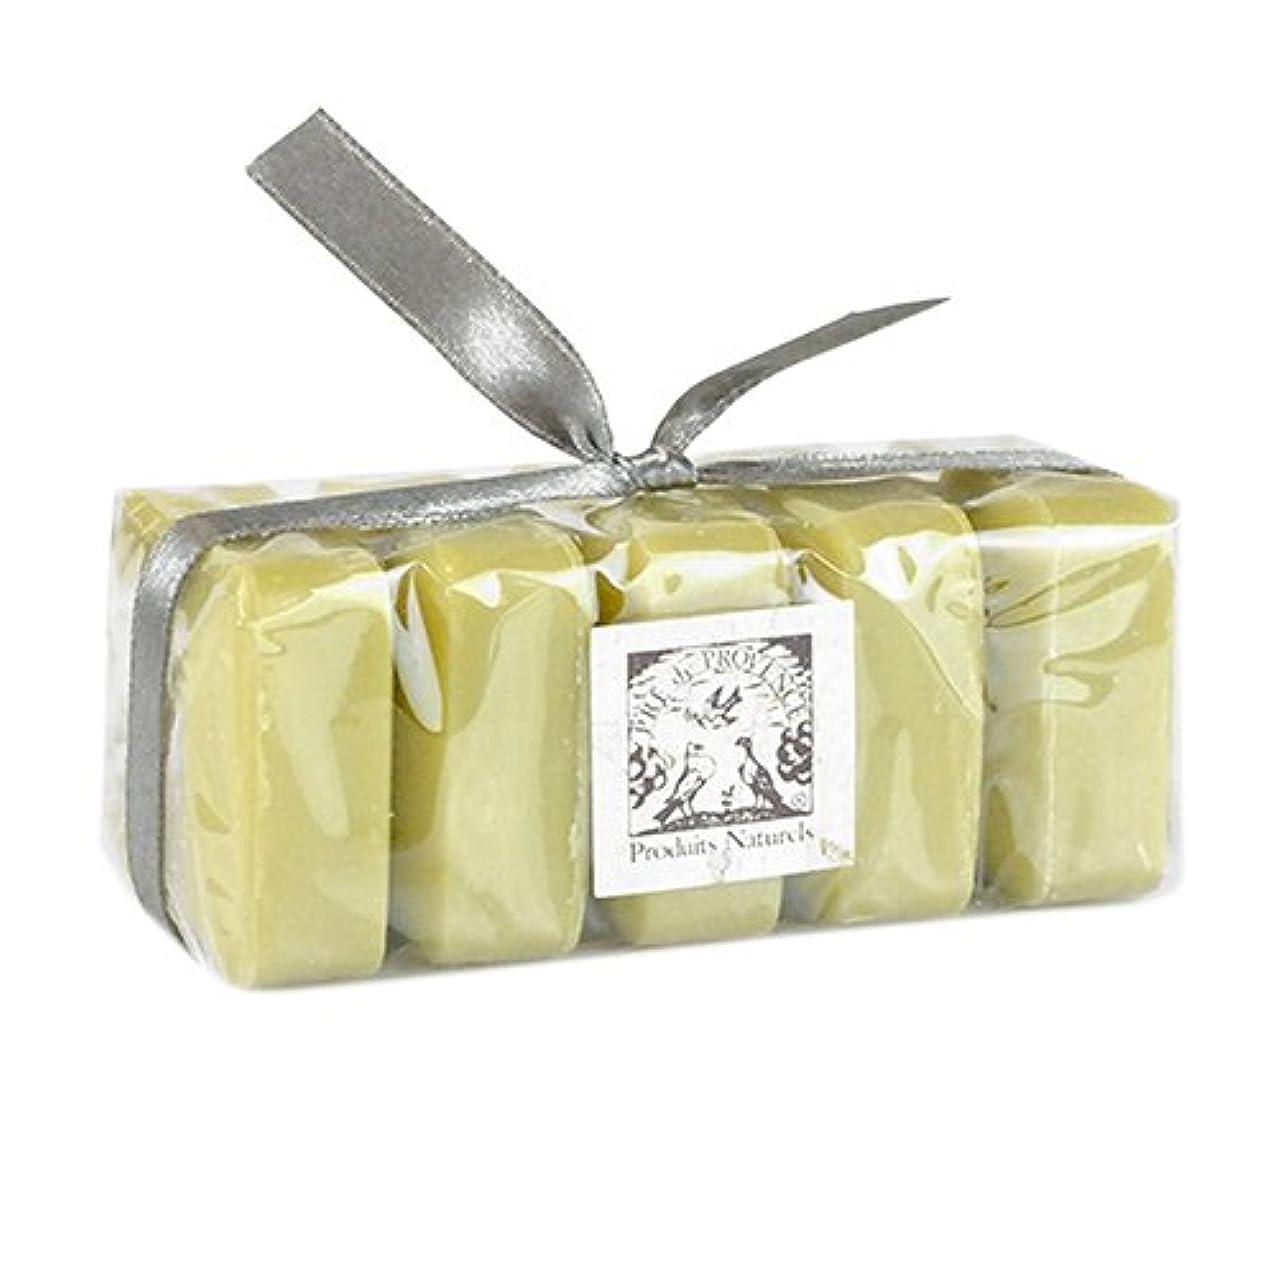 上回るマラドロイトねじれPRE de PROVENCE シアバター エンリッチドソープ ギフトパック バーベナ VERBENA プレ ドゥ プロヴァンス Shea Butter Enriched Soap